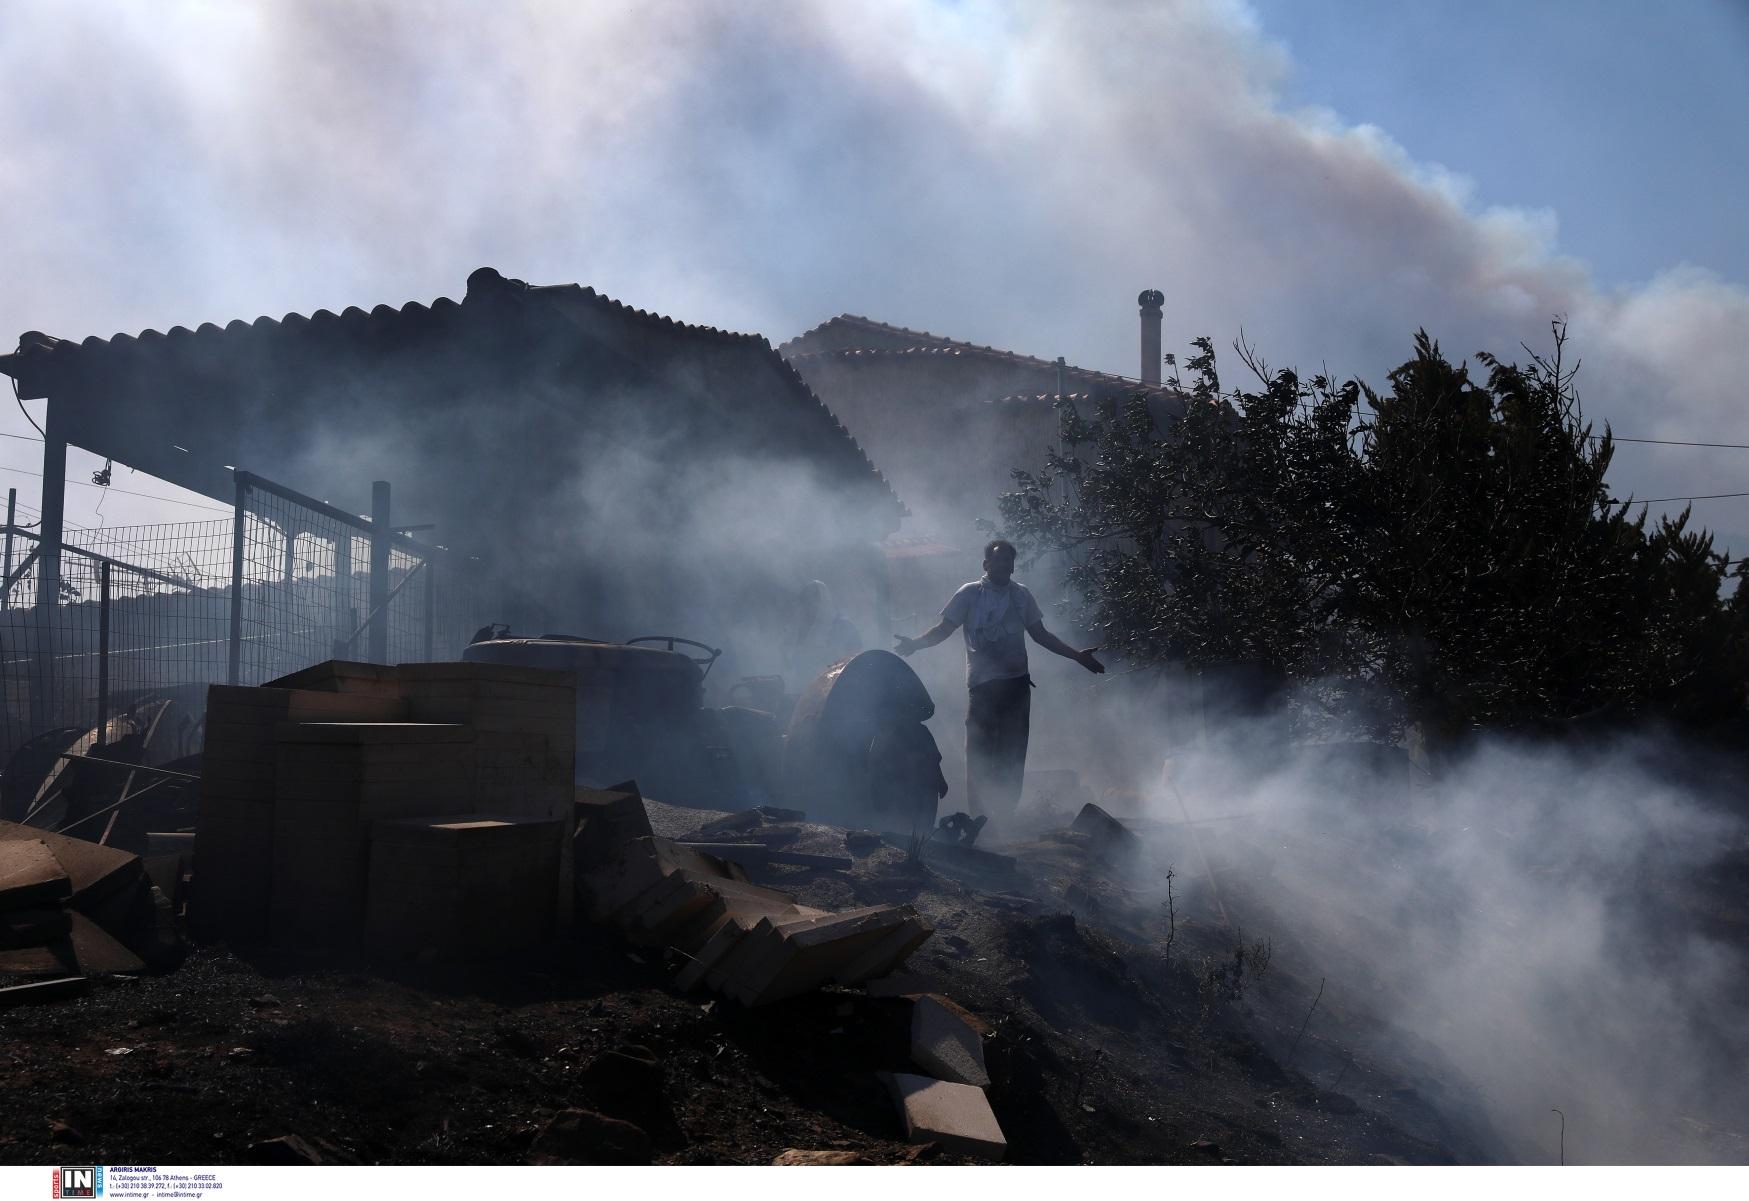 Φωτιά στην Κερατέα: Ο απολογισμός της πύρινης λαίλαπας – Ο δήμαρχος Λαυρεωτικής στο newsit